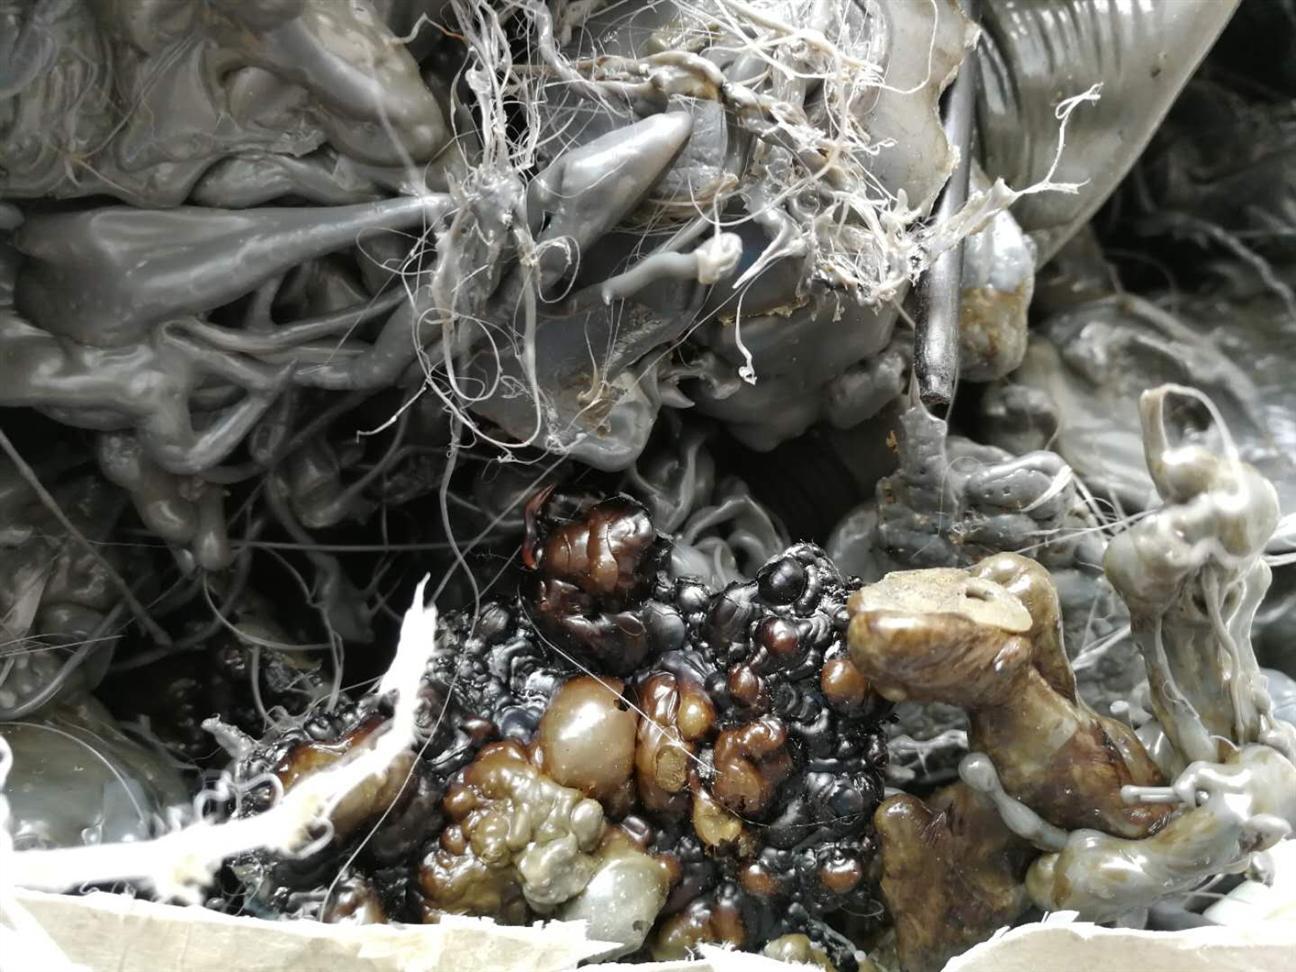 东莞市辖莞城废品回收价格 祥昇再生资源回收